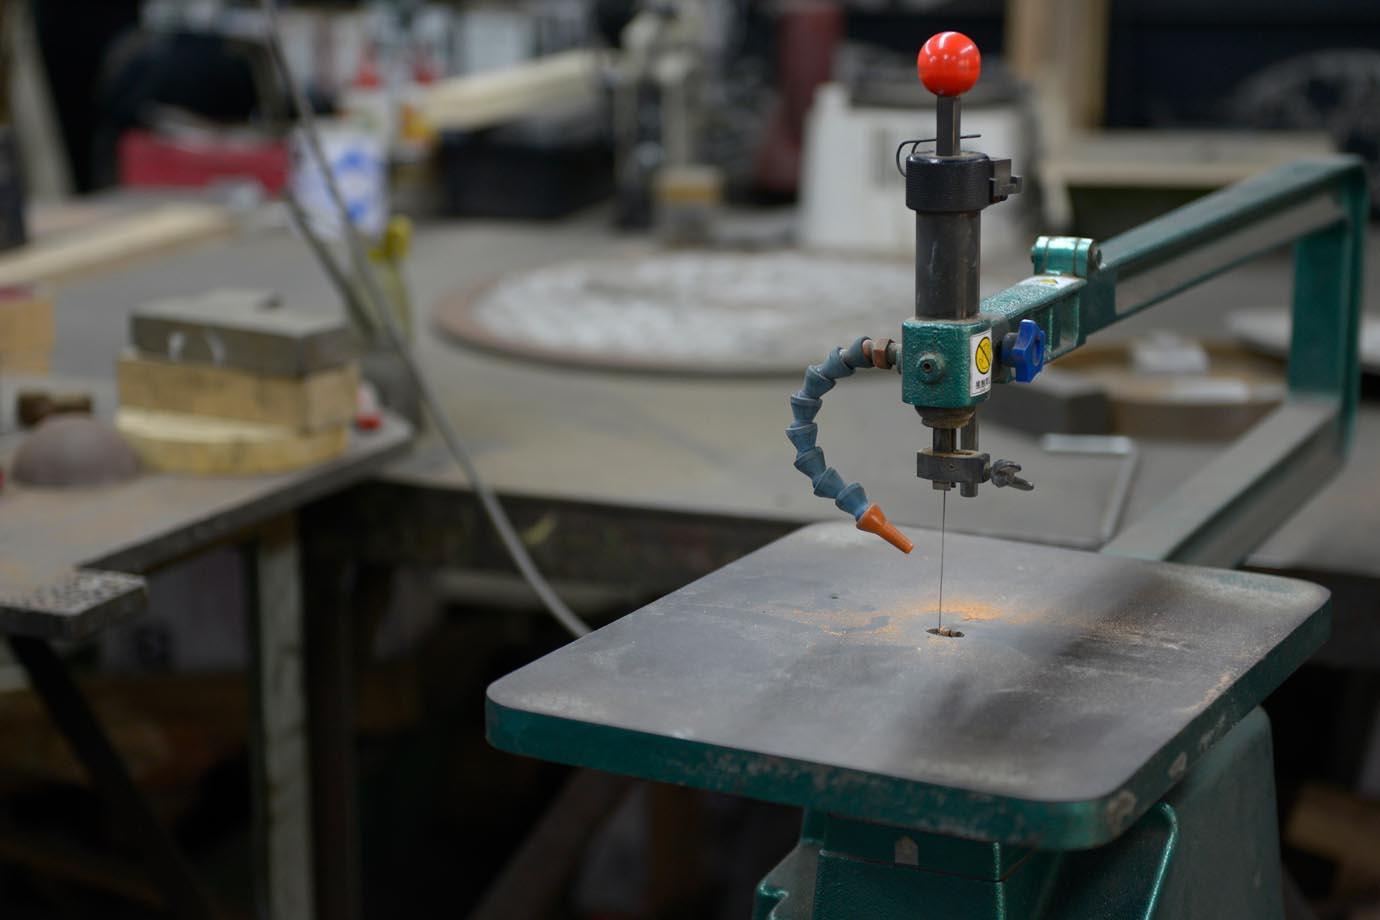 アルミ板を切り抜く糸のこ。神山さんは0.1ミリメートルの精度で調整を行って作っていたそう